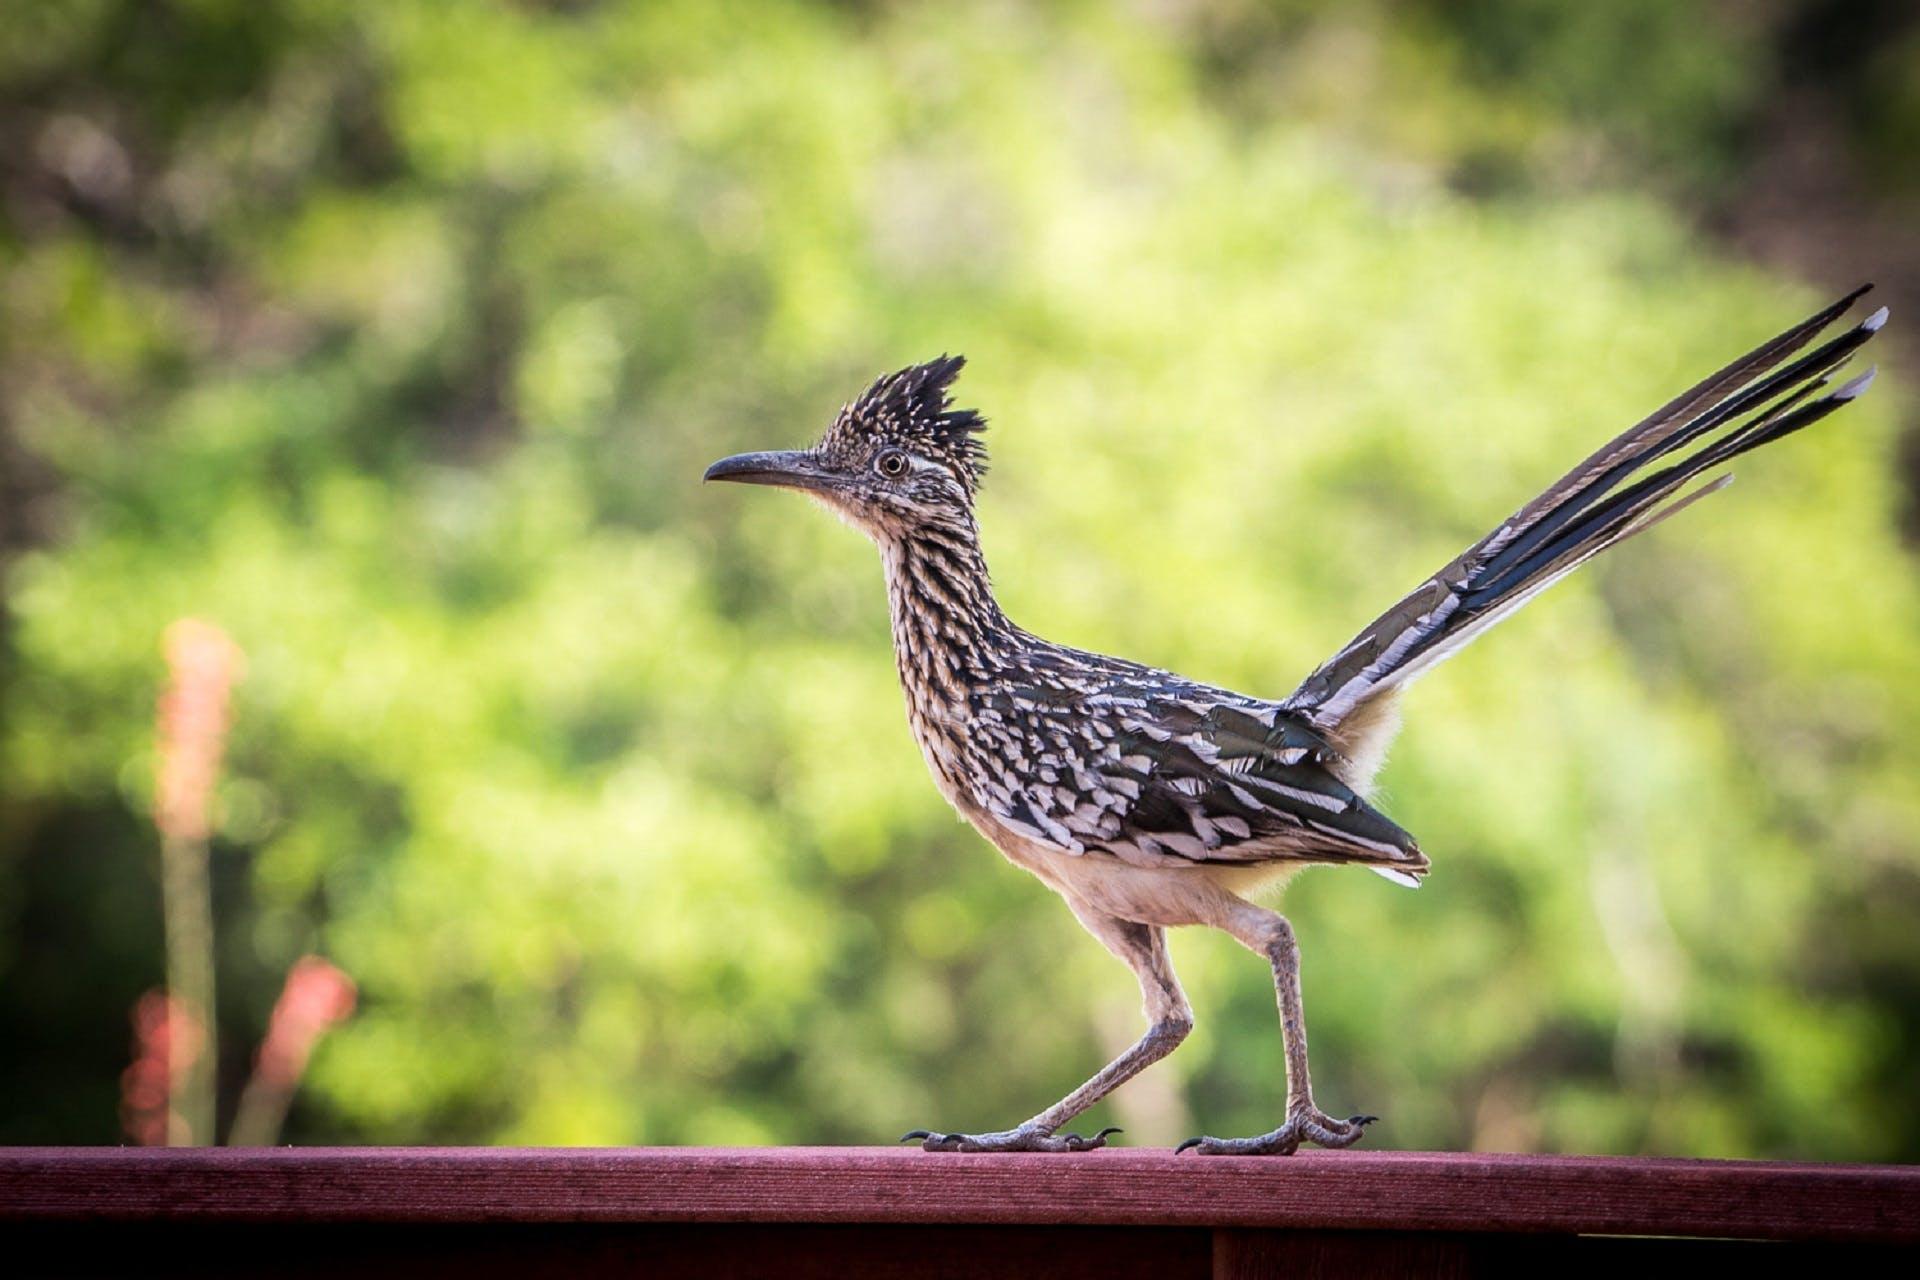 Kostenloses Stock Foto zu chaparral hahn, chaparral vogel, federn, kuckuck